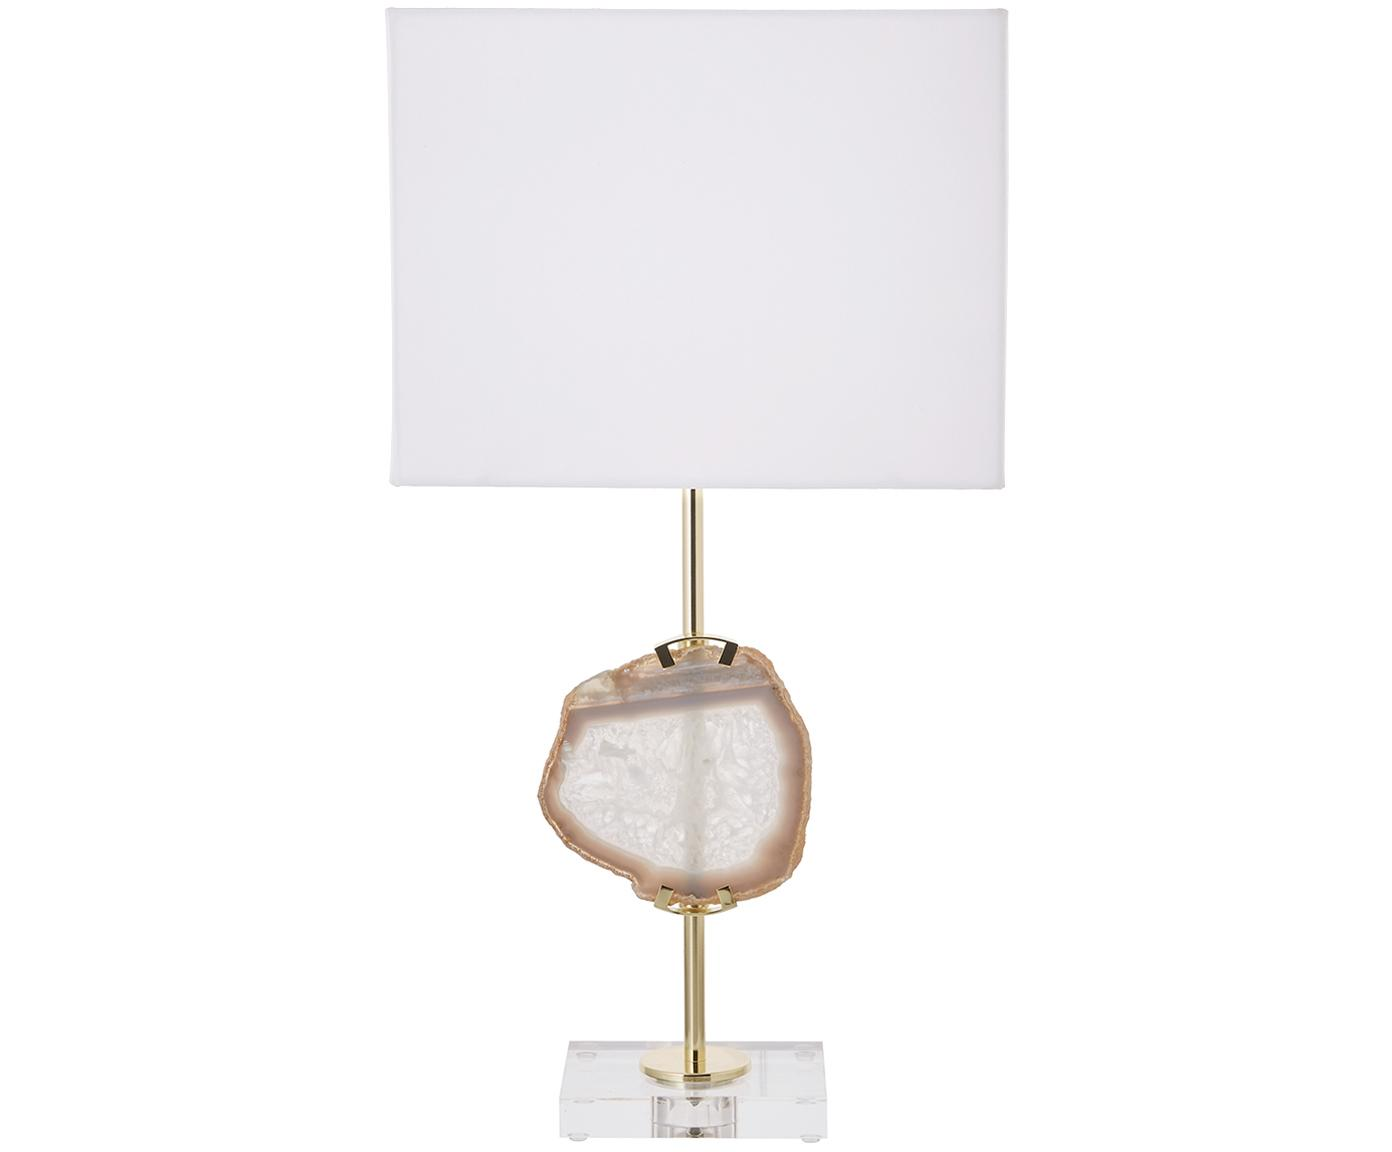 Lámpara de mesa con piedra ágata Treasure, Pantalla: mezcla de algodón, Transparente, dorado, ágata beige, blanco, An 33 x Al 62 cm